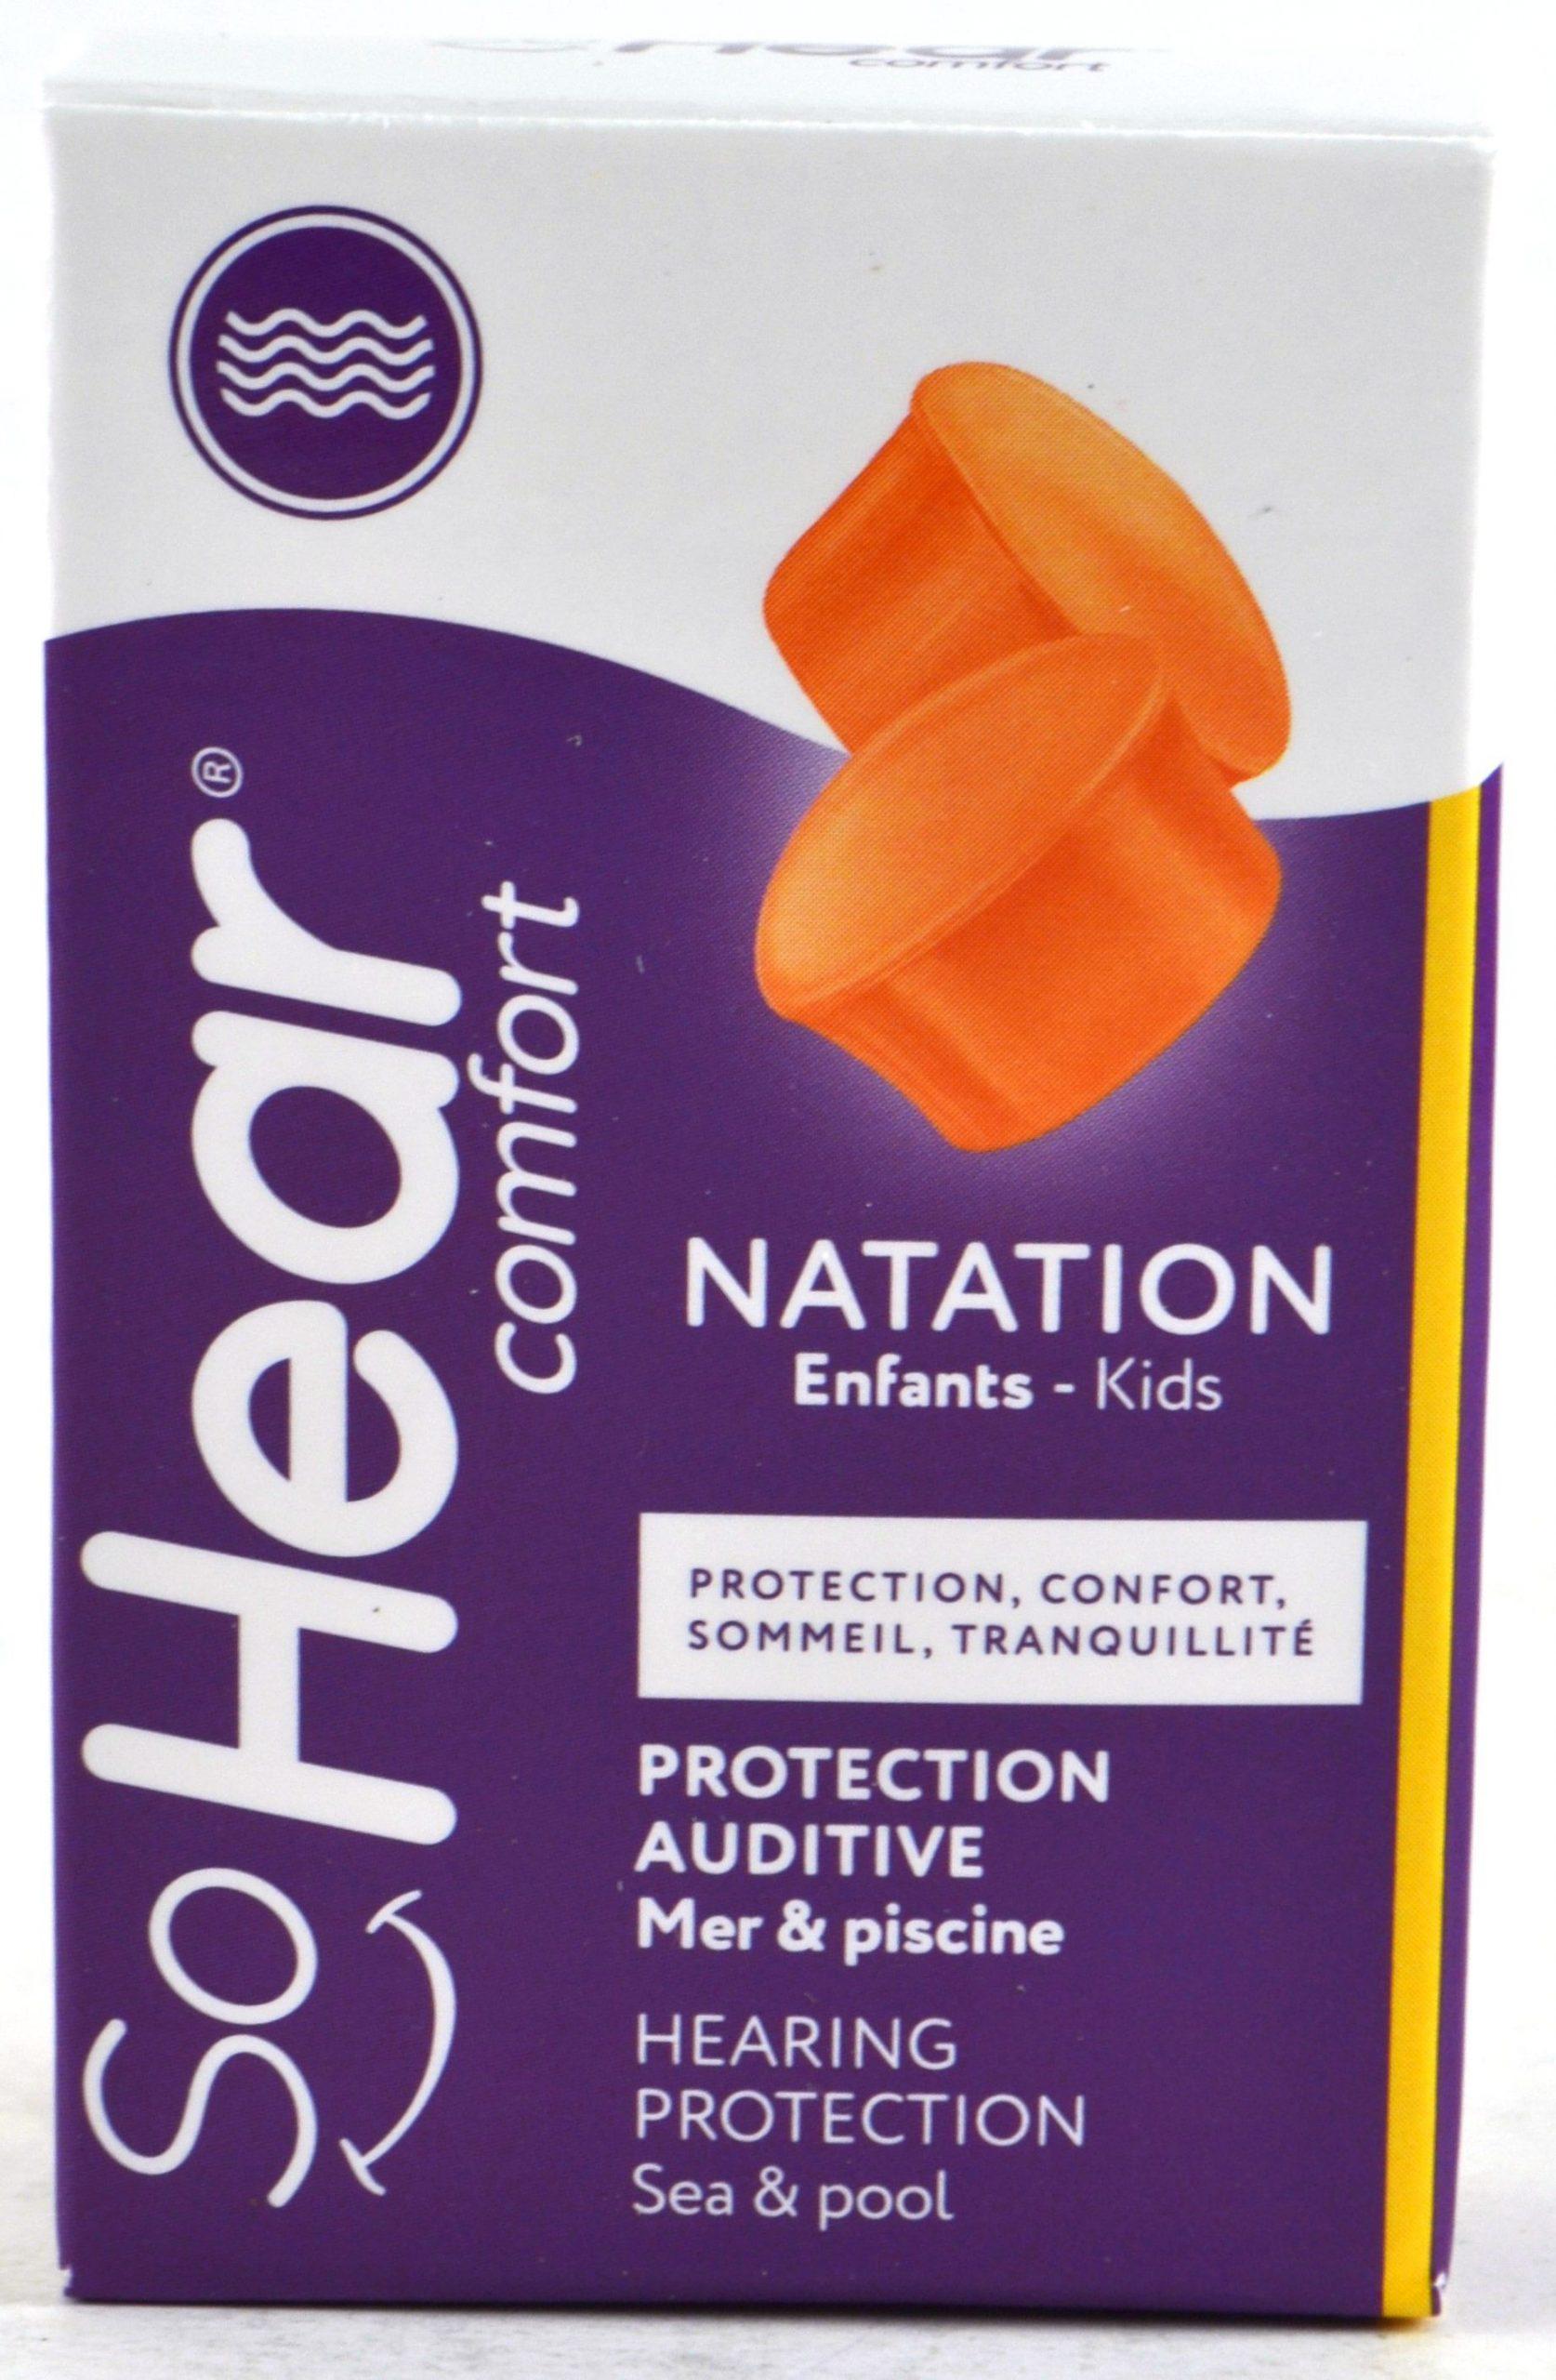 Sohear Comfort Protection Auditive - Natation Enfants - 3 ... pour Oreille Bouchée Piscine